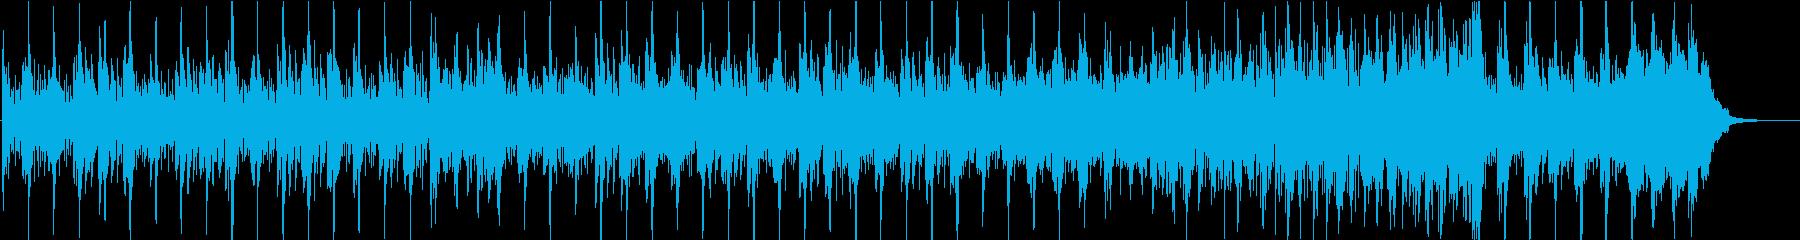 水の推進を描いた爽やかな曲の再生済みの波形